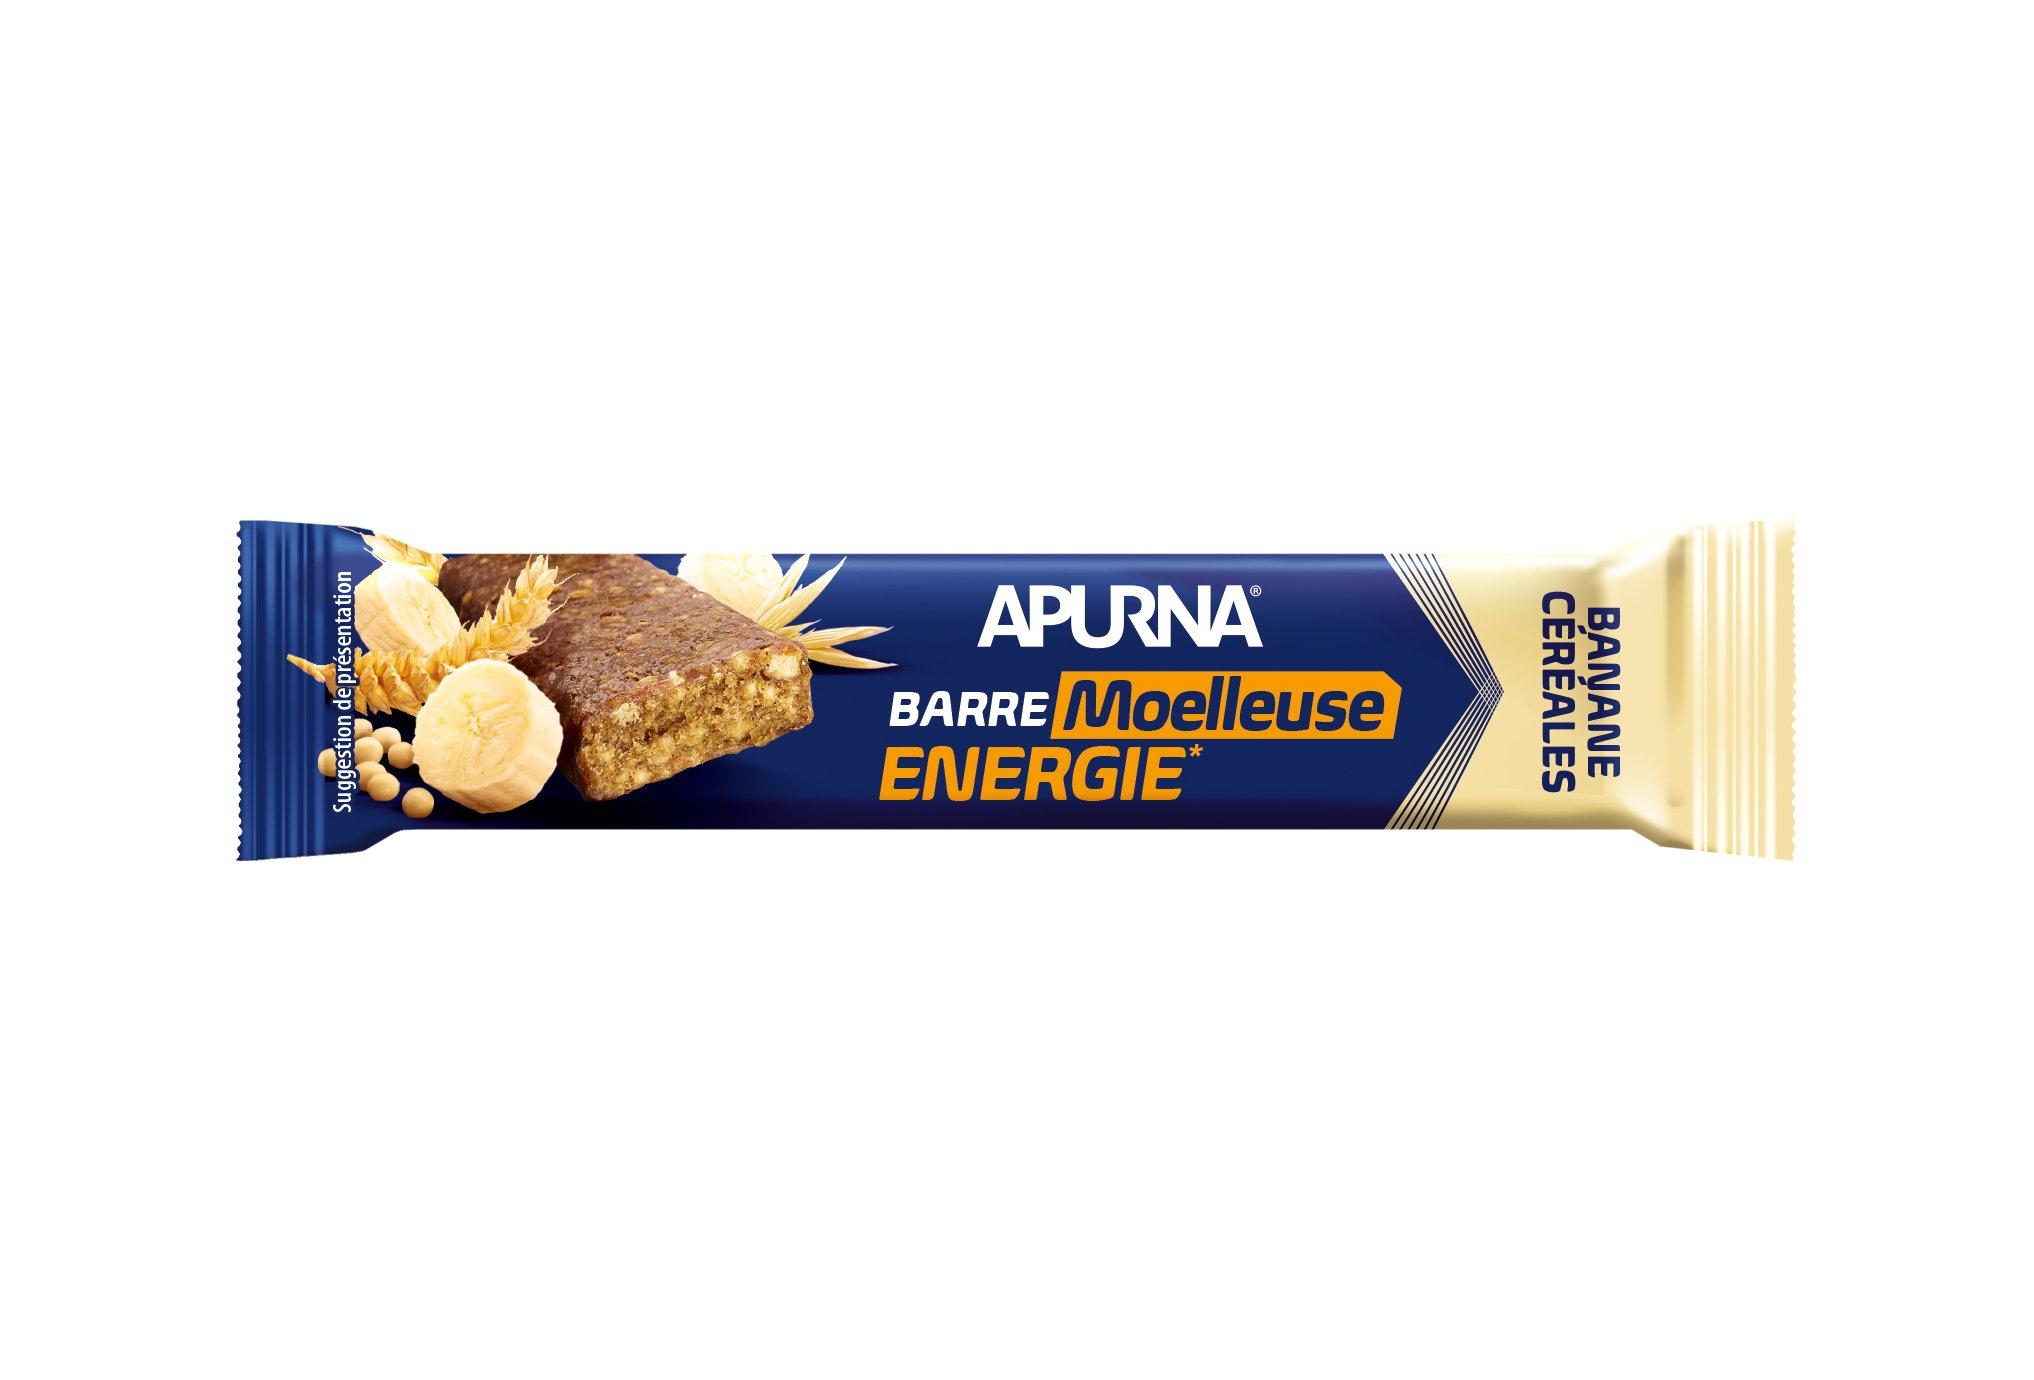 Apurna Barre énergétique - banane/céréales diététique barres